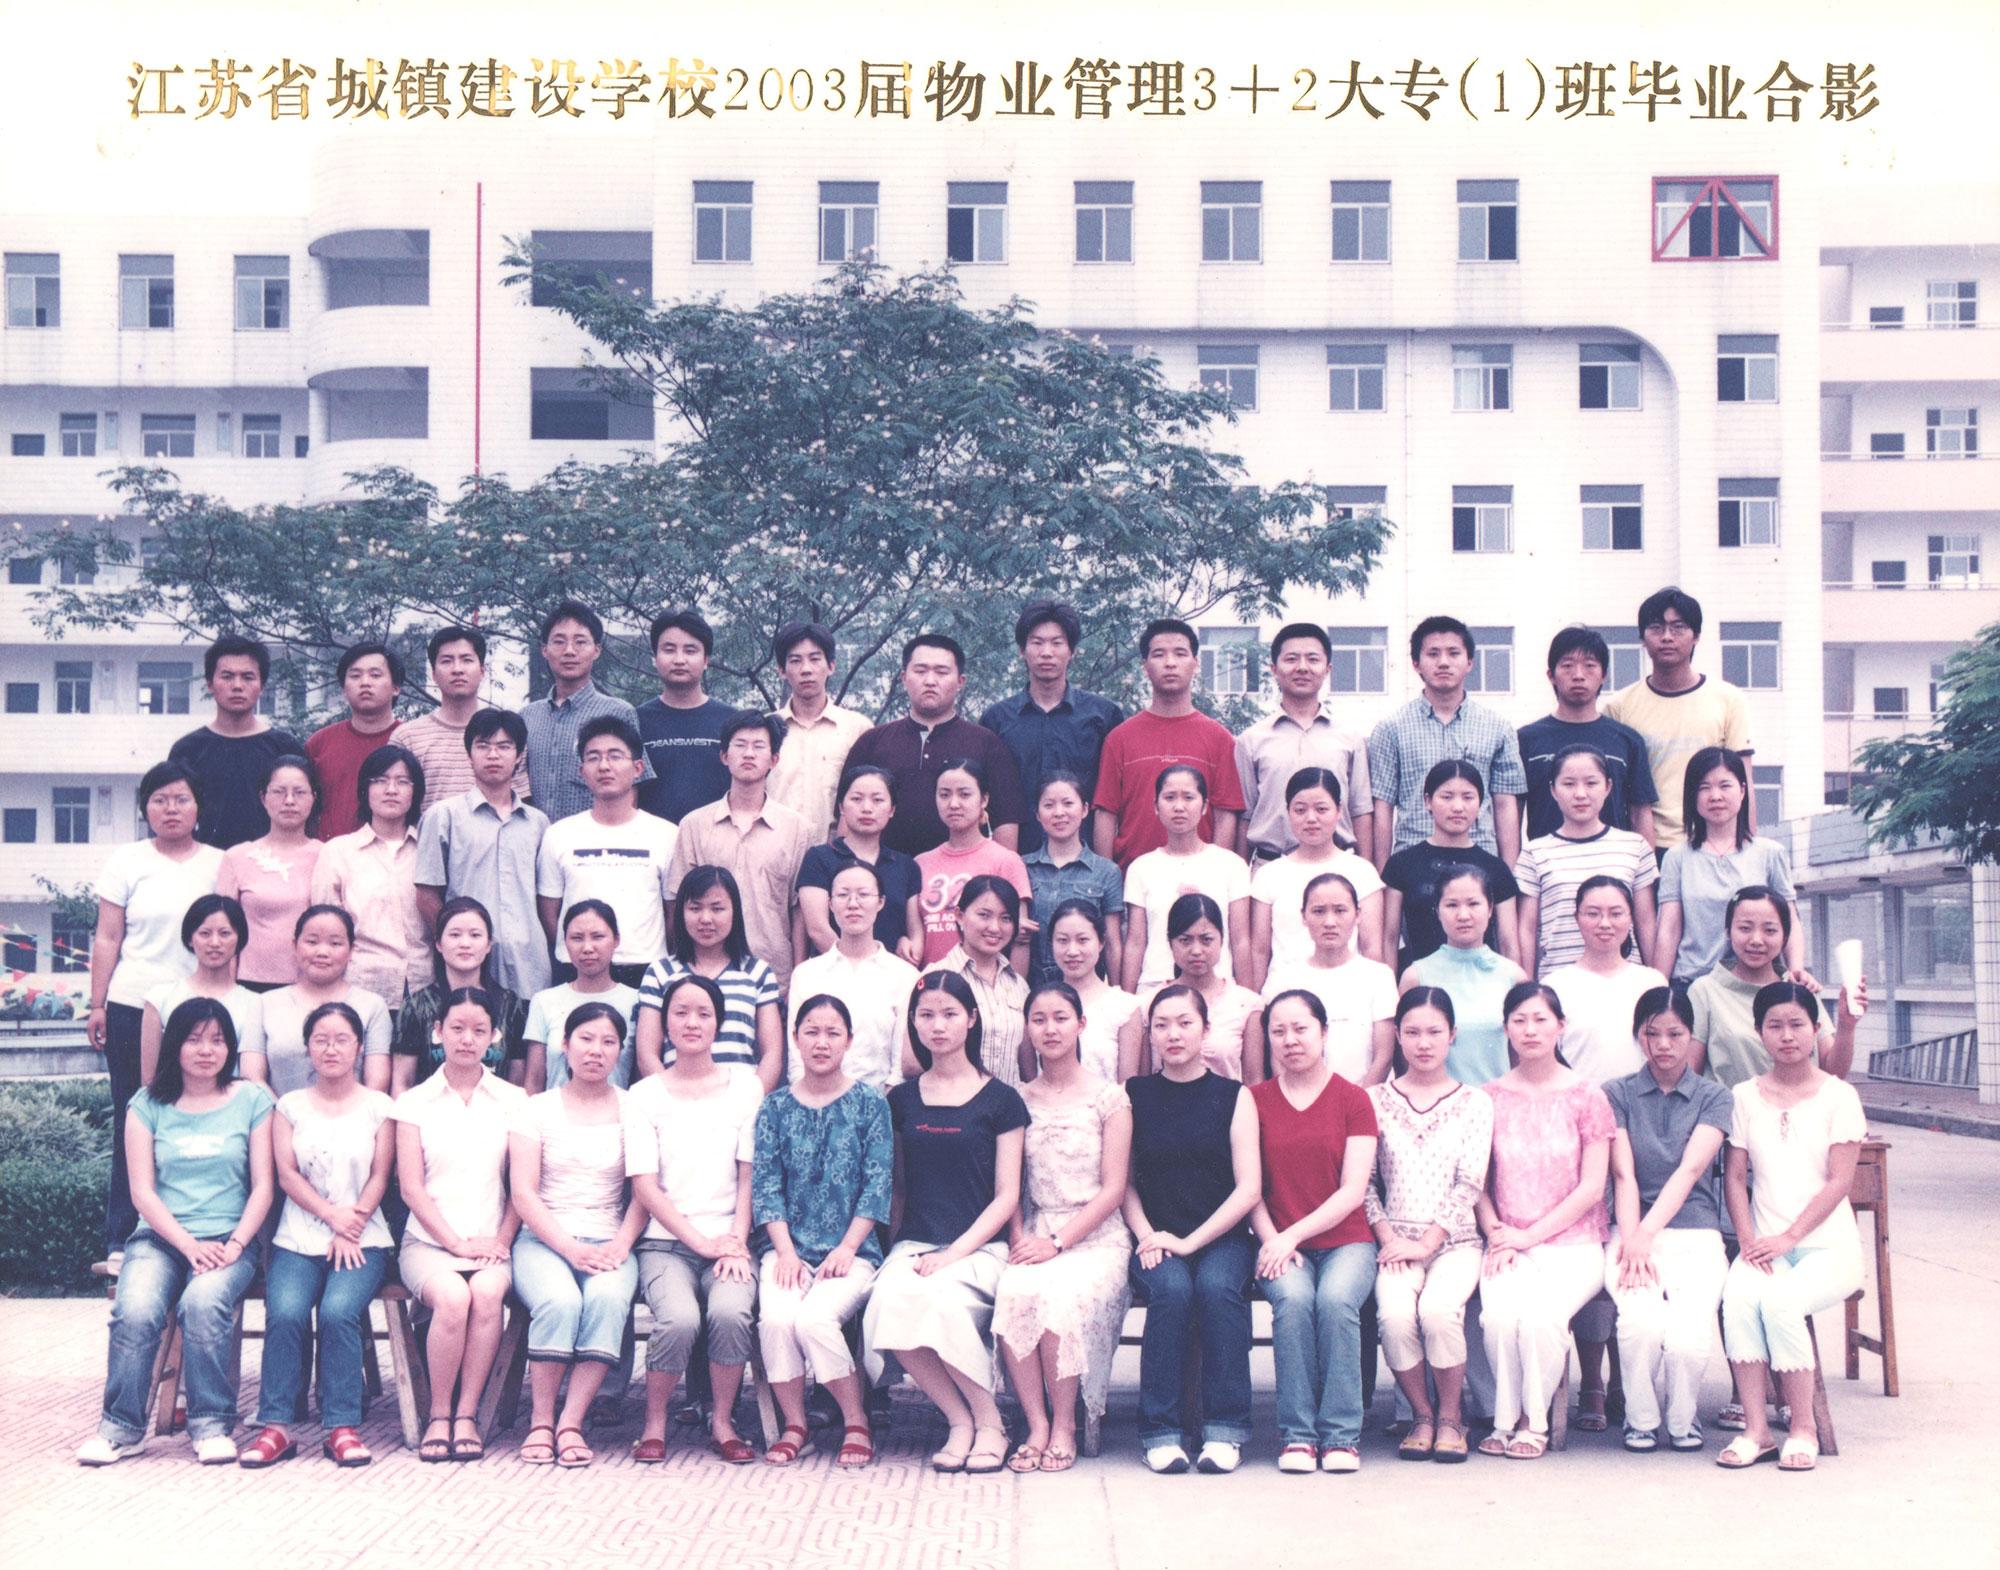 2003届物业管理3+2大专(1)班毕...